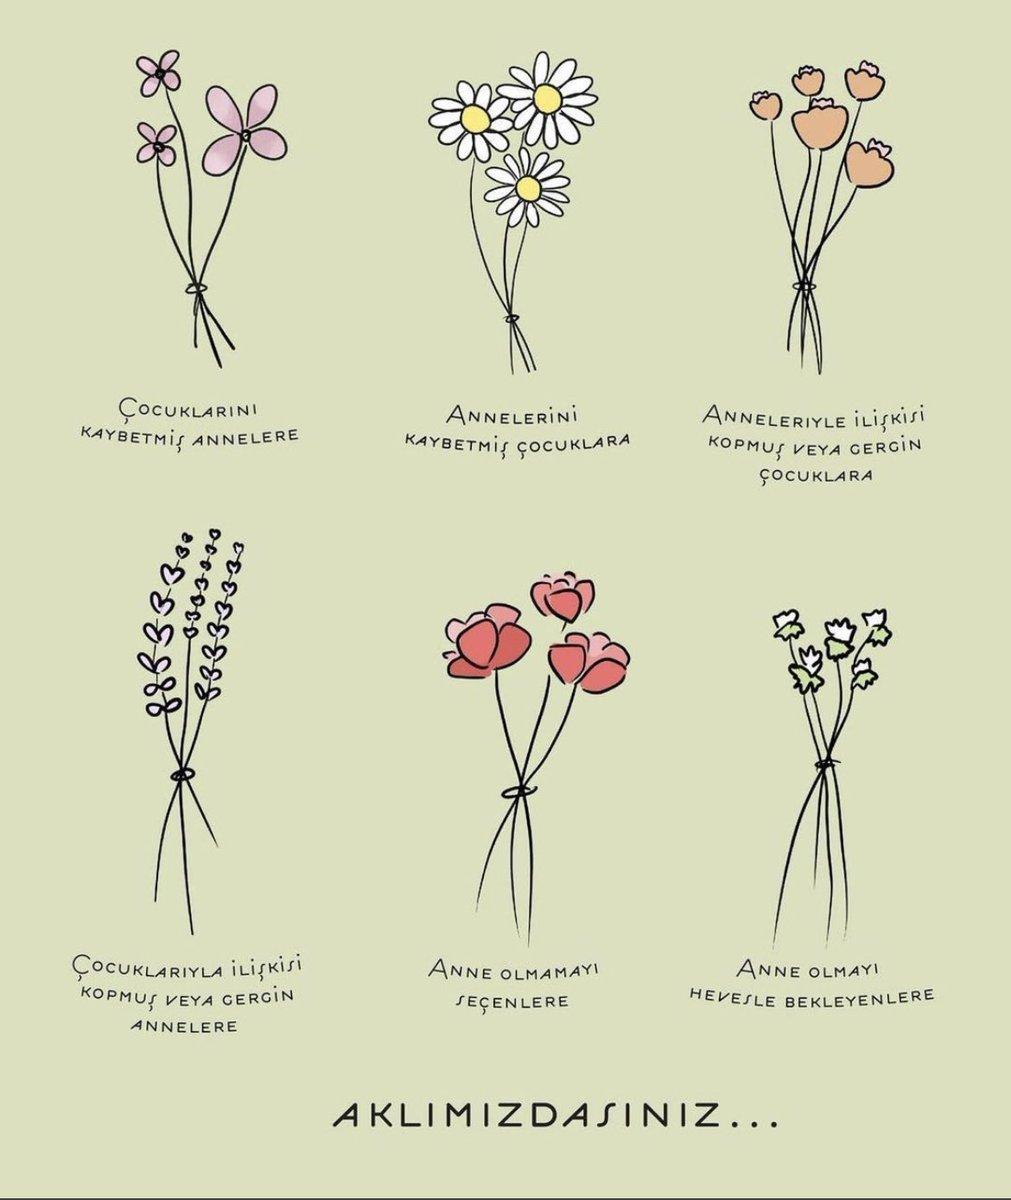 RT @astrologelvan: Çok kıymetlisiniz! #annelergünü @denemenlazim https://t.co/IHFXkJ6ohC